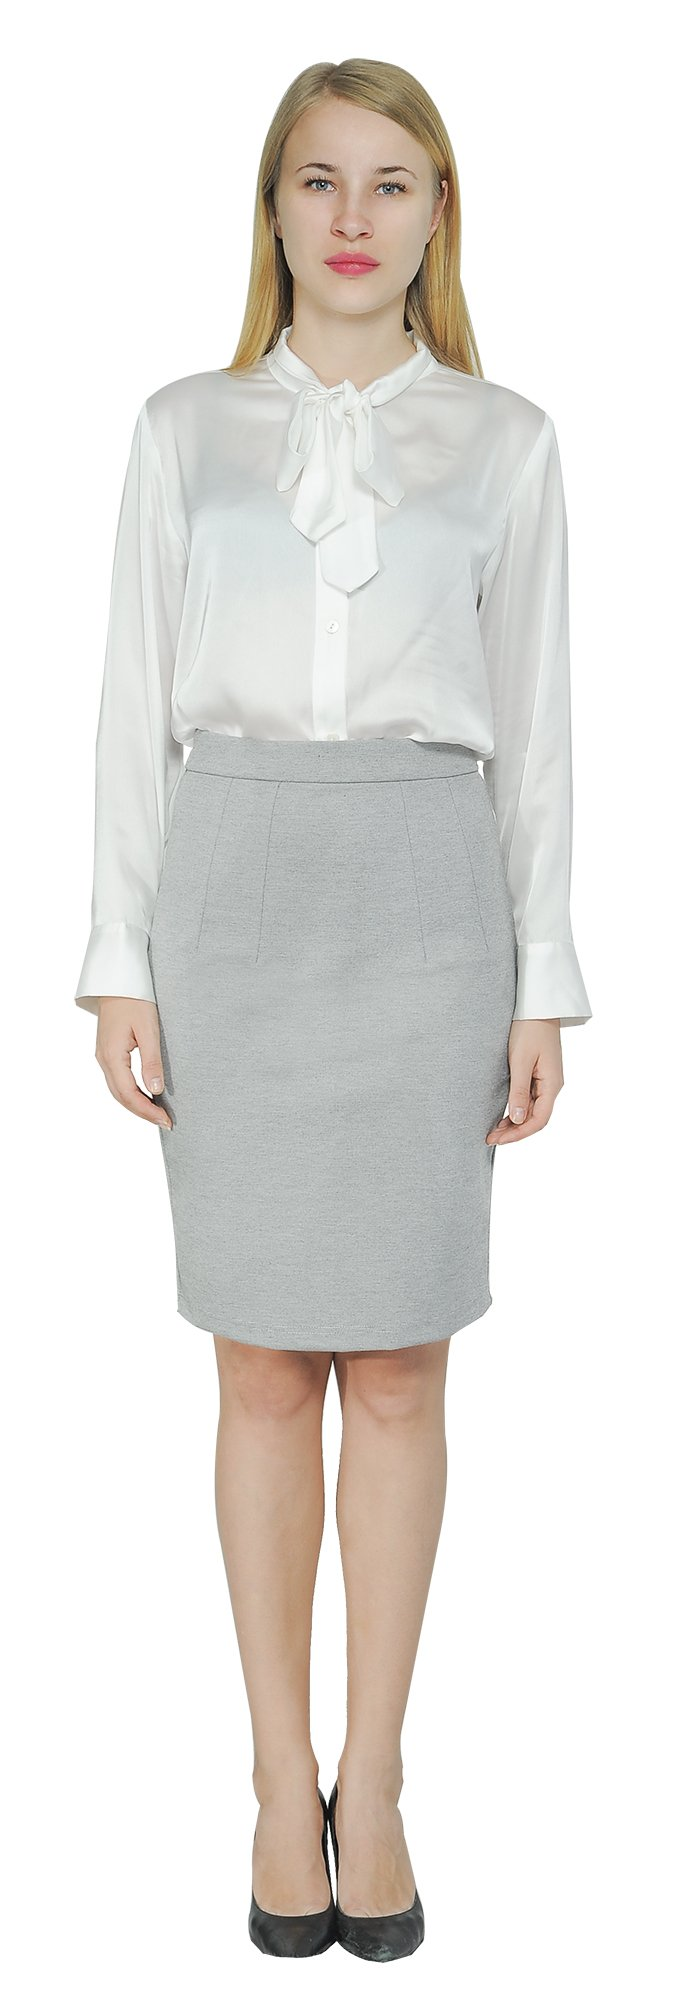 Marycrafts Women's Work Office Business Pencil Skirt XS Salt & Pepper